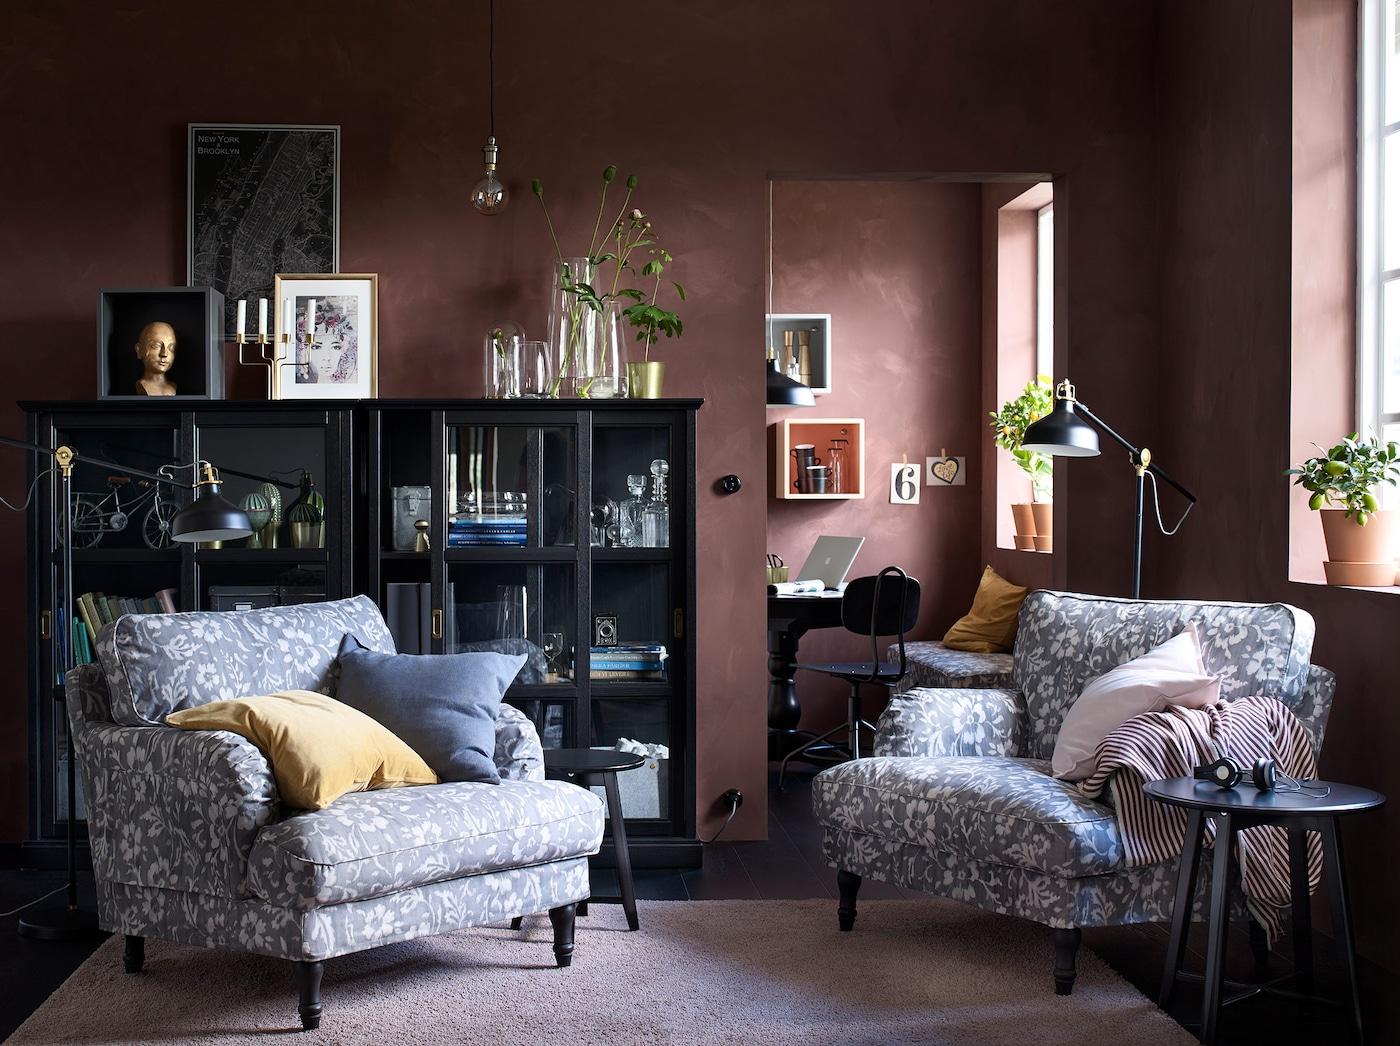 Ruskeanmusta olohuone, jossa kaksi suurta nojatuolia harmaanvalkoisilla kukkakuvioiduilla päällisillä.